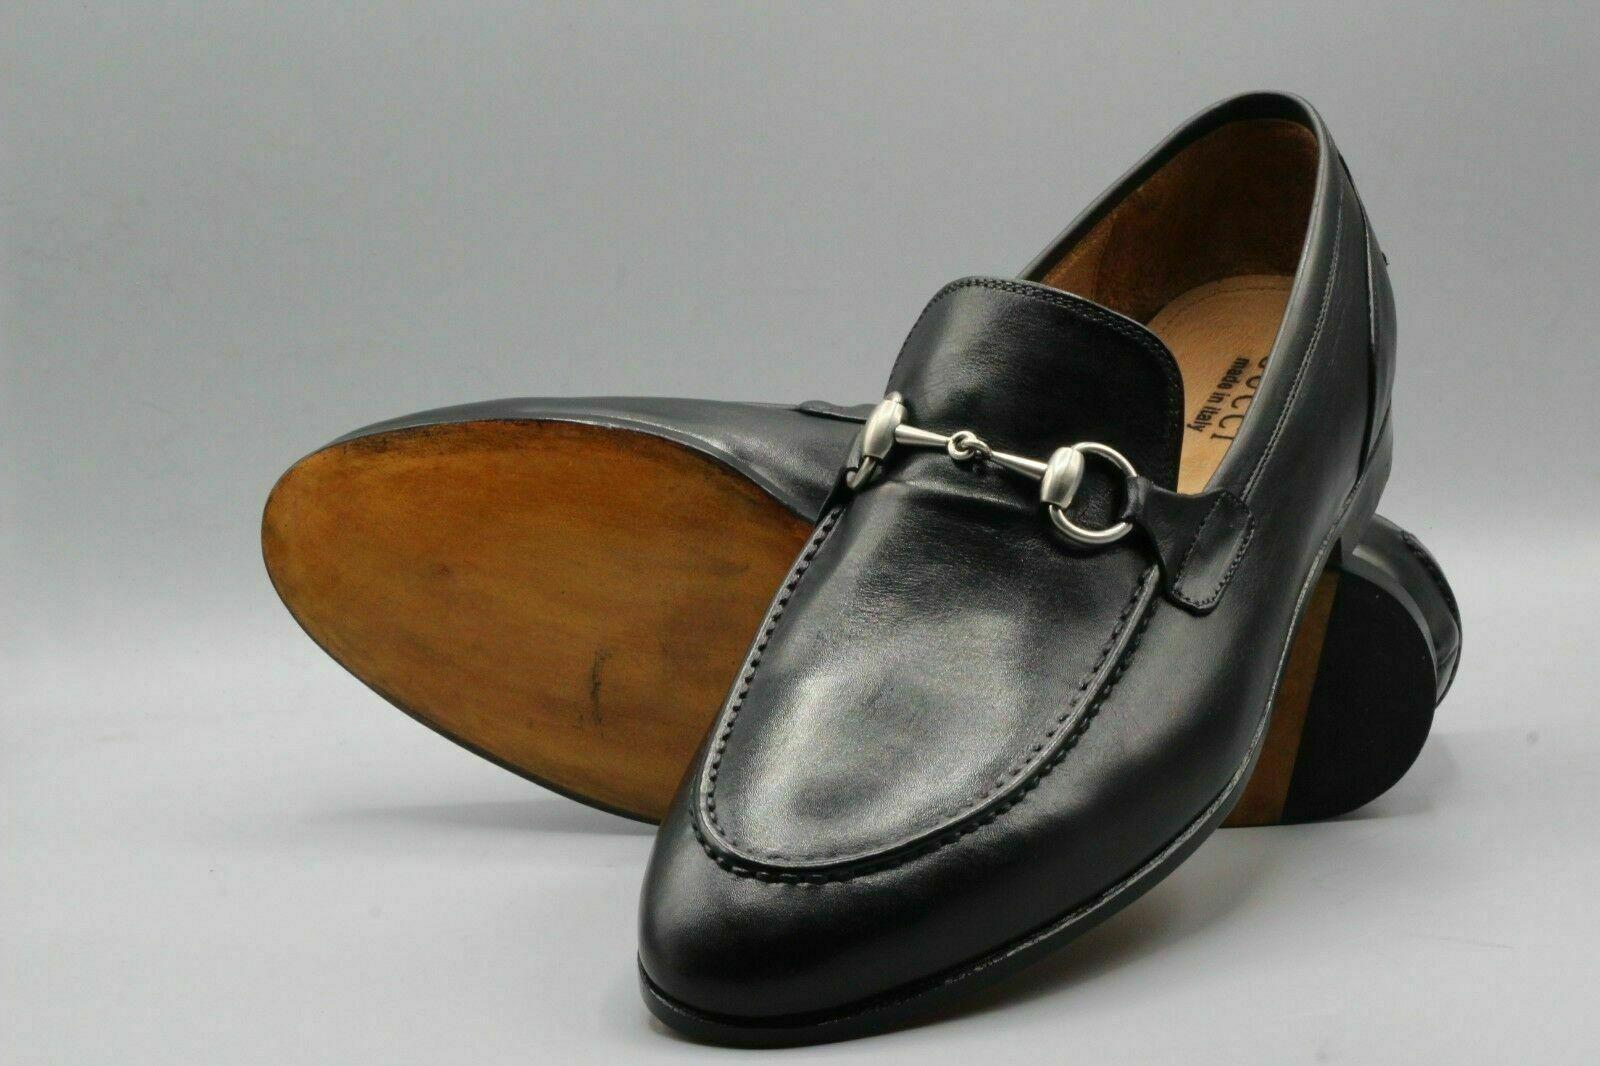 Homme Fait à la main Chaussures Formal Wear Véritable Cuir Noir Mocassins À Enfiler Bottes NOUVEAU